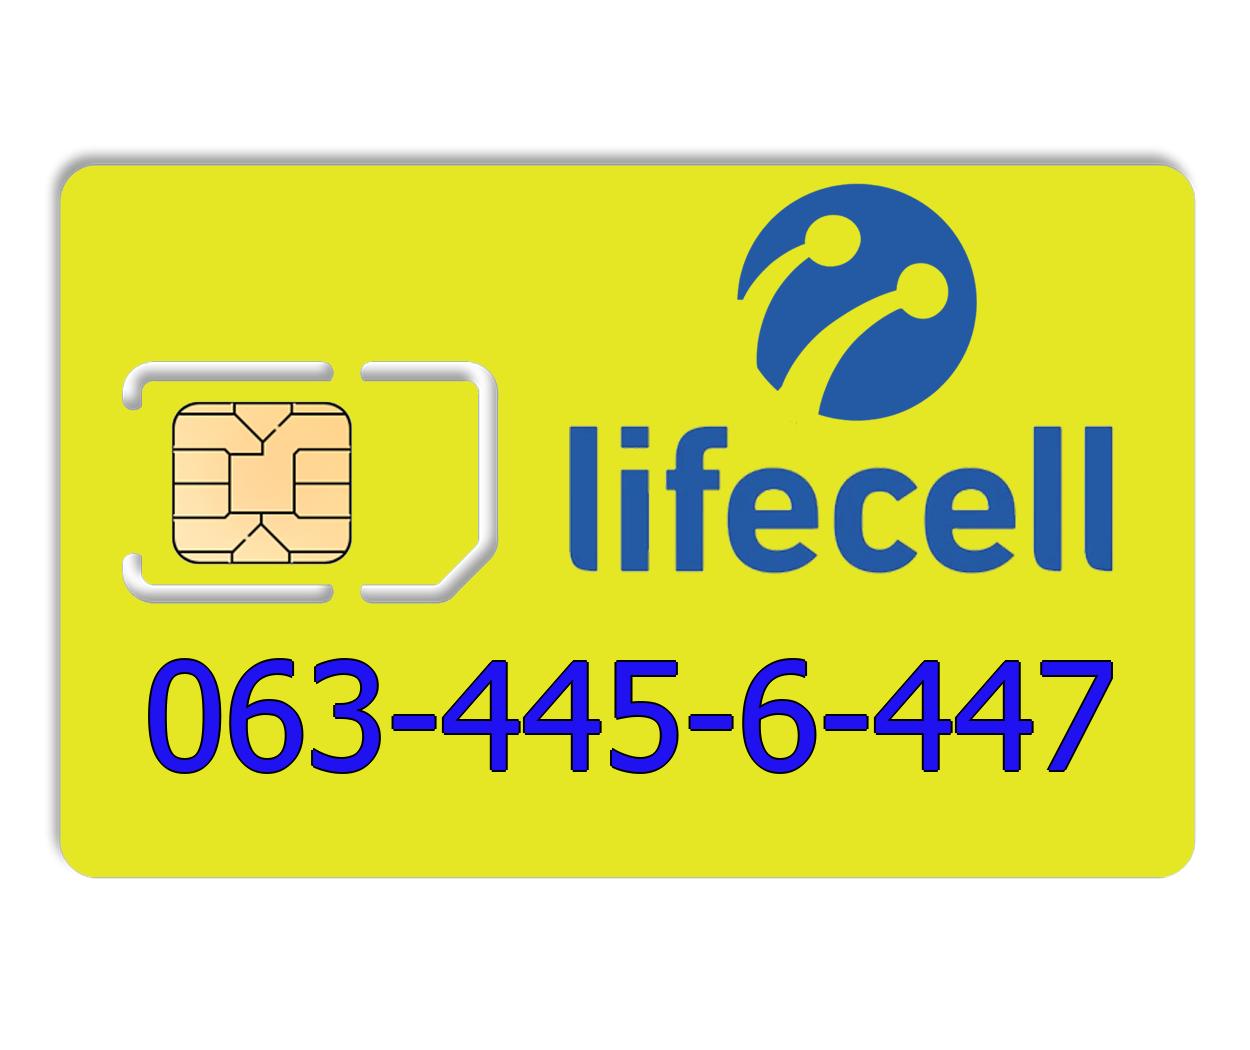 Красивый номер lifecell 063-445-6-447